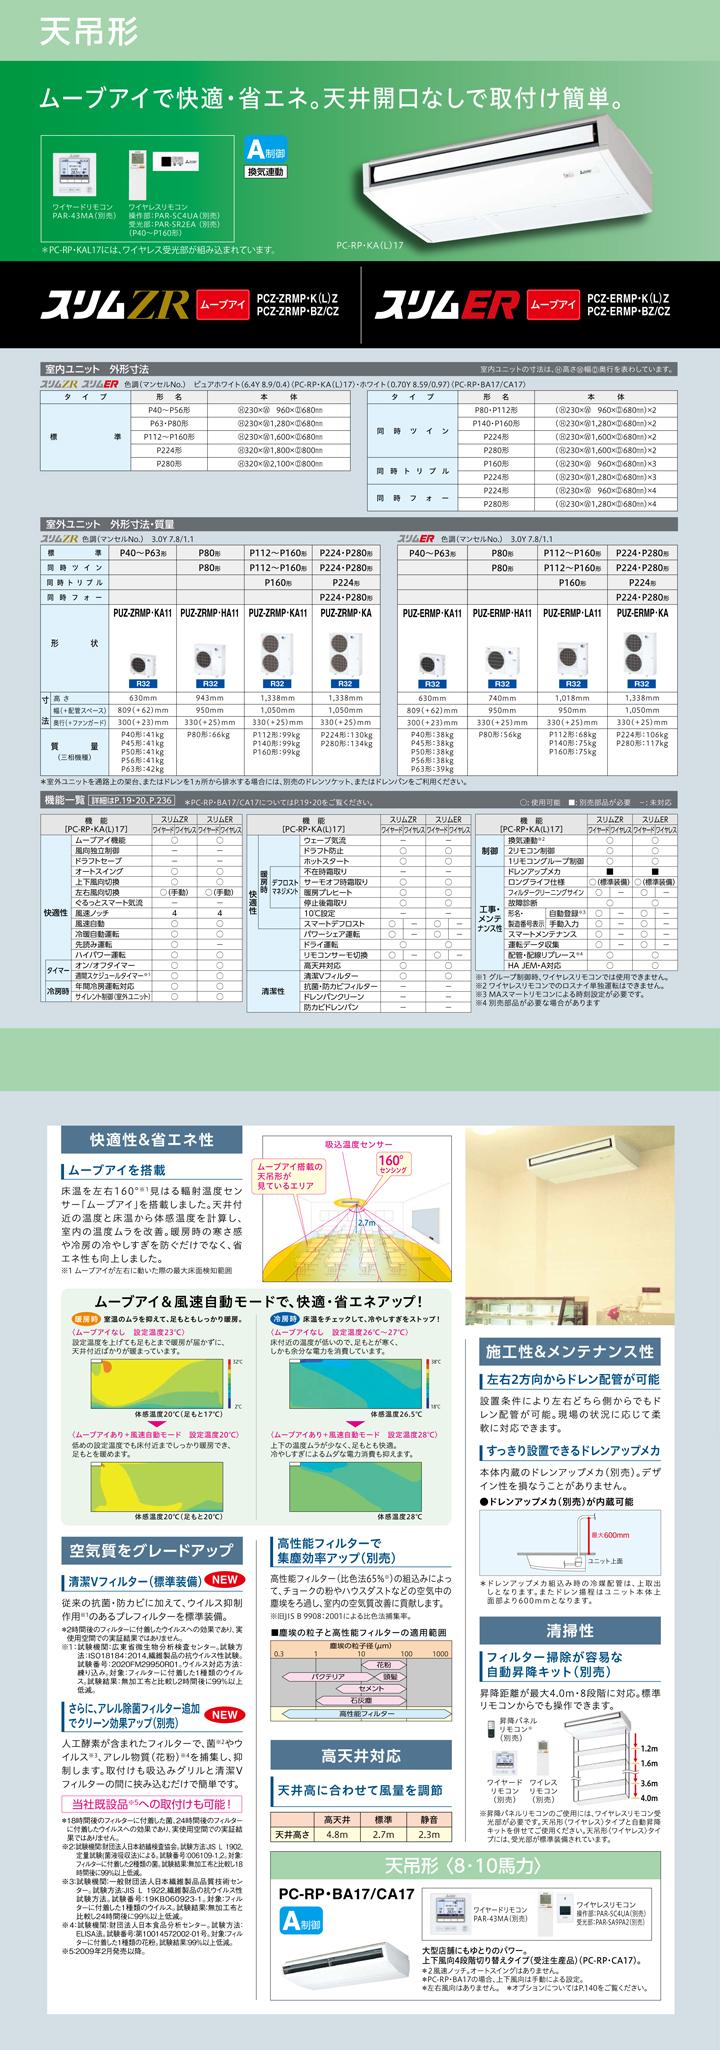 三菱電機 業務用エアコン PCZ-ERMP63KZ